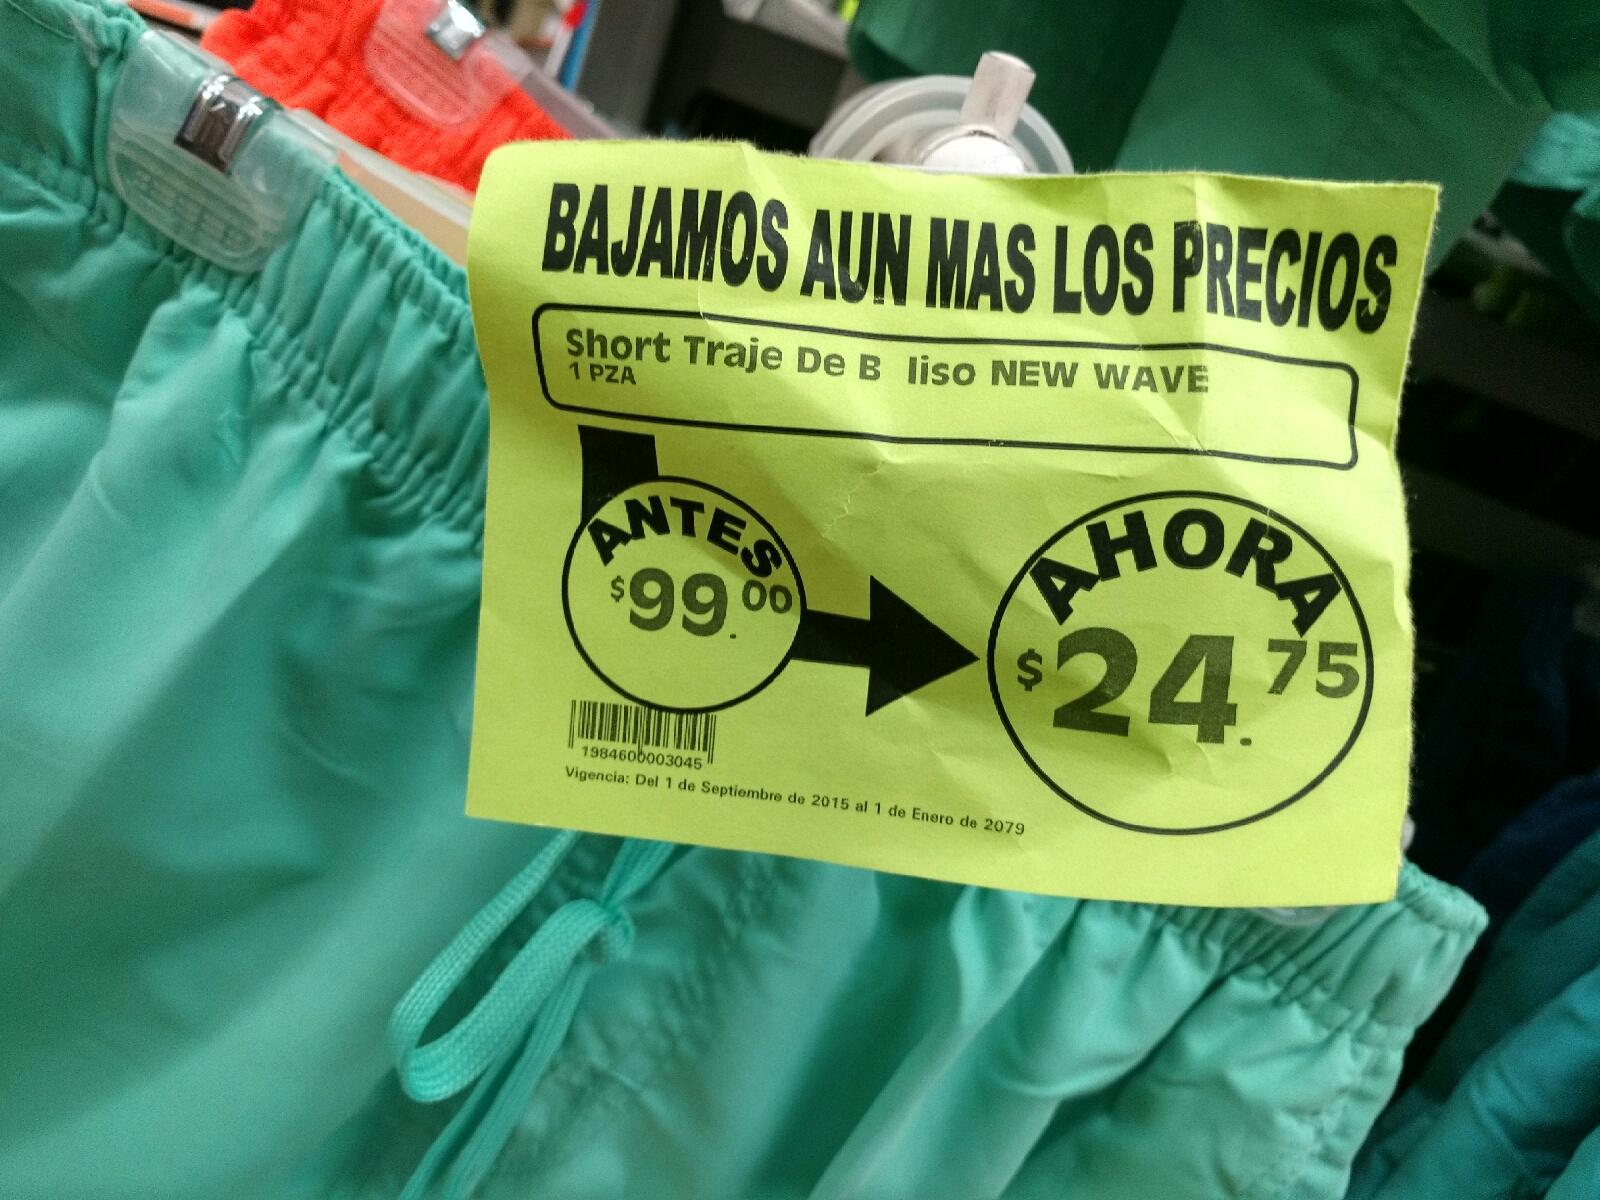 Comercial Mexicana: Trajes de baño en rebaja varios modelos desde $24.75